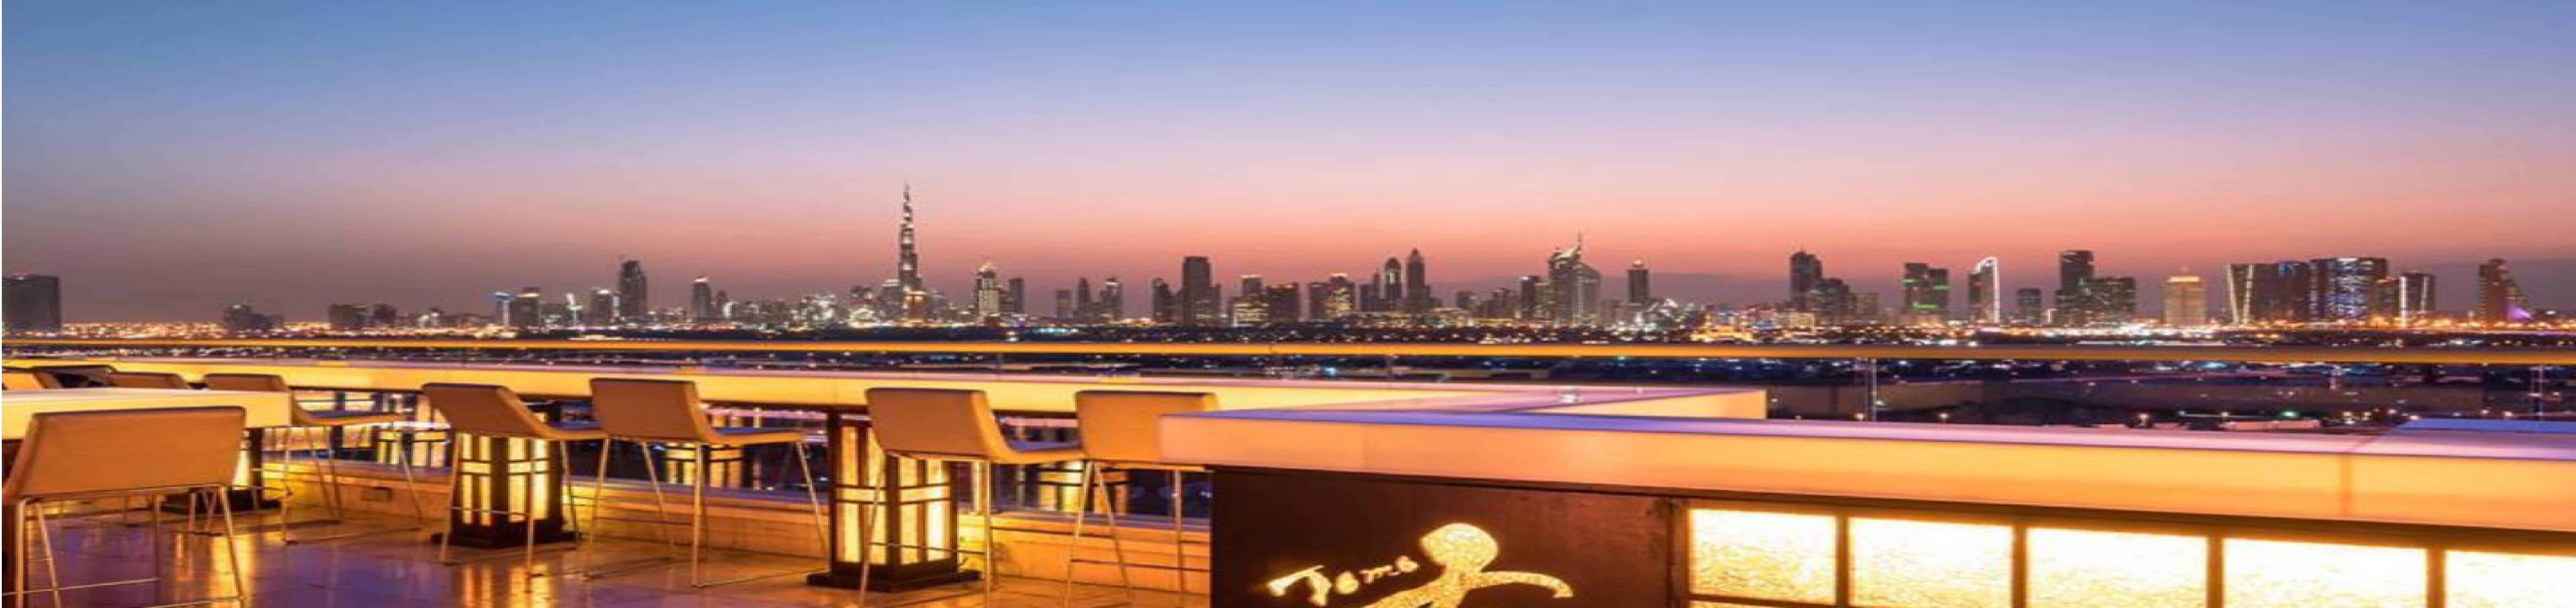 مطاعم دبي: تناول العشاء في المطاعم الفاخرة في دبي